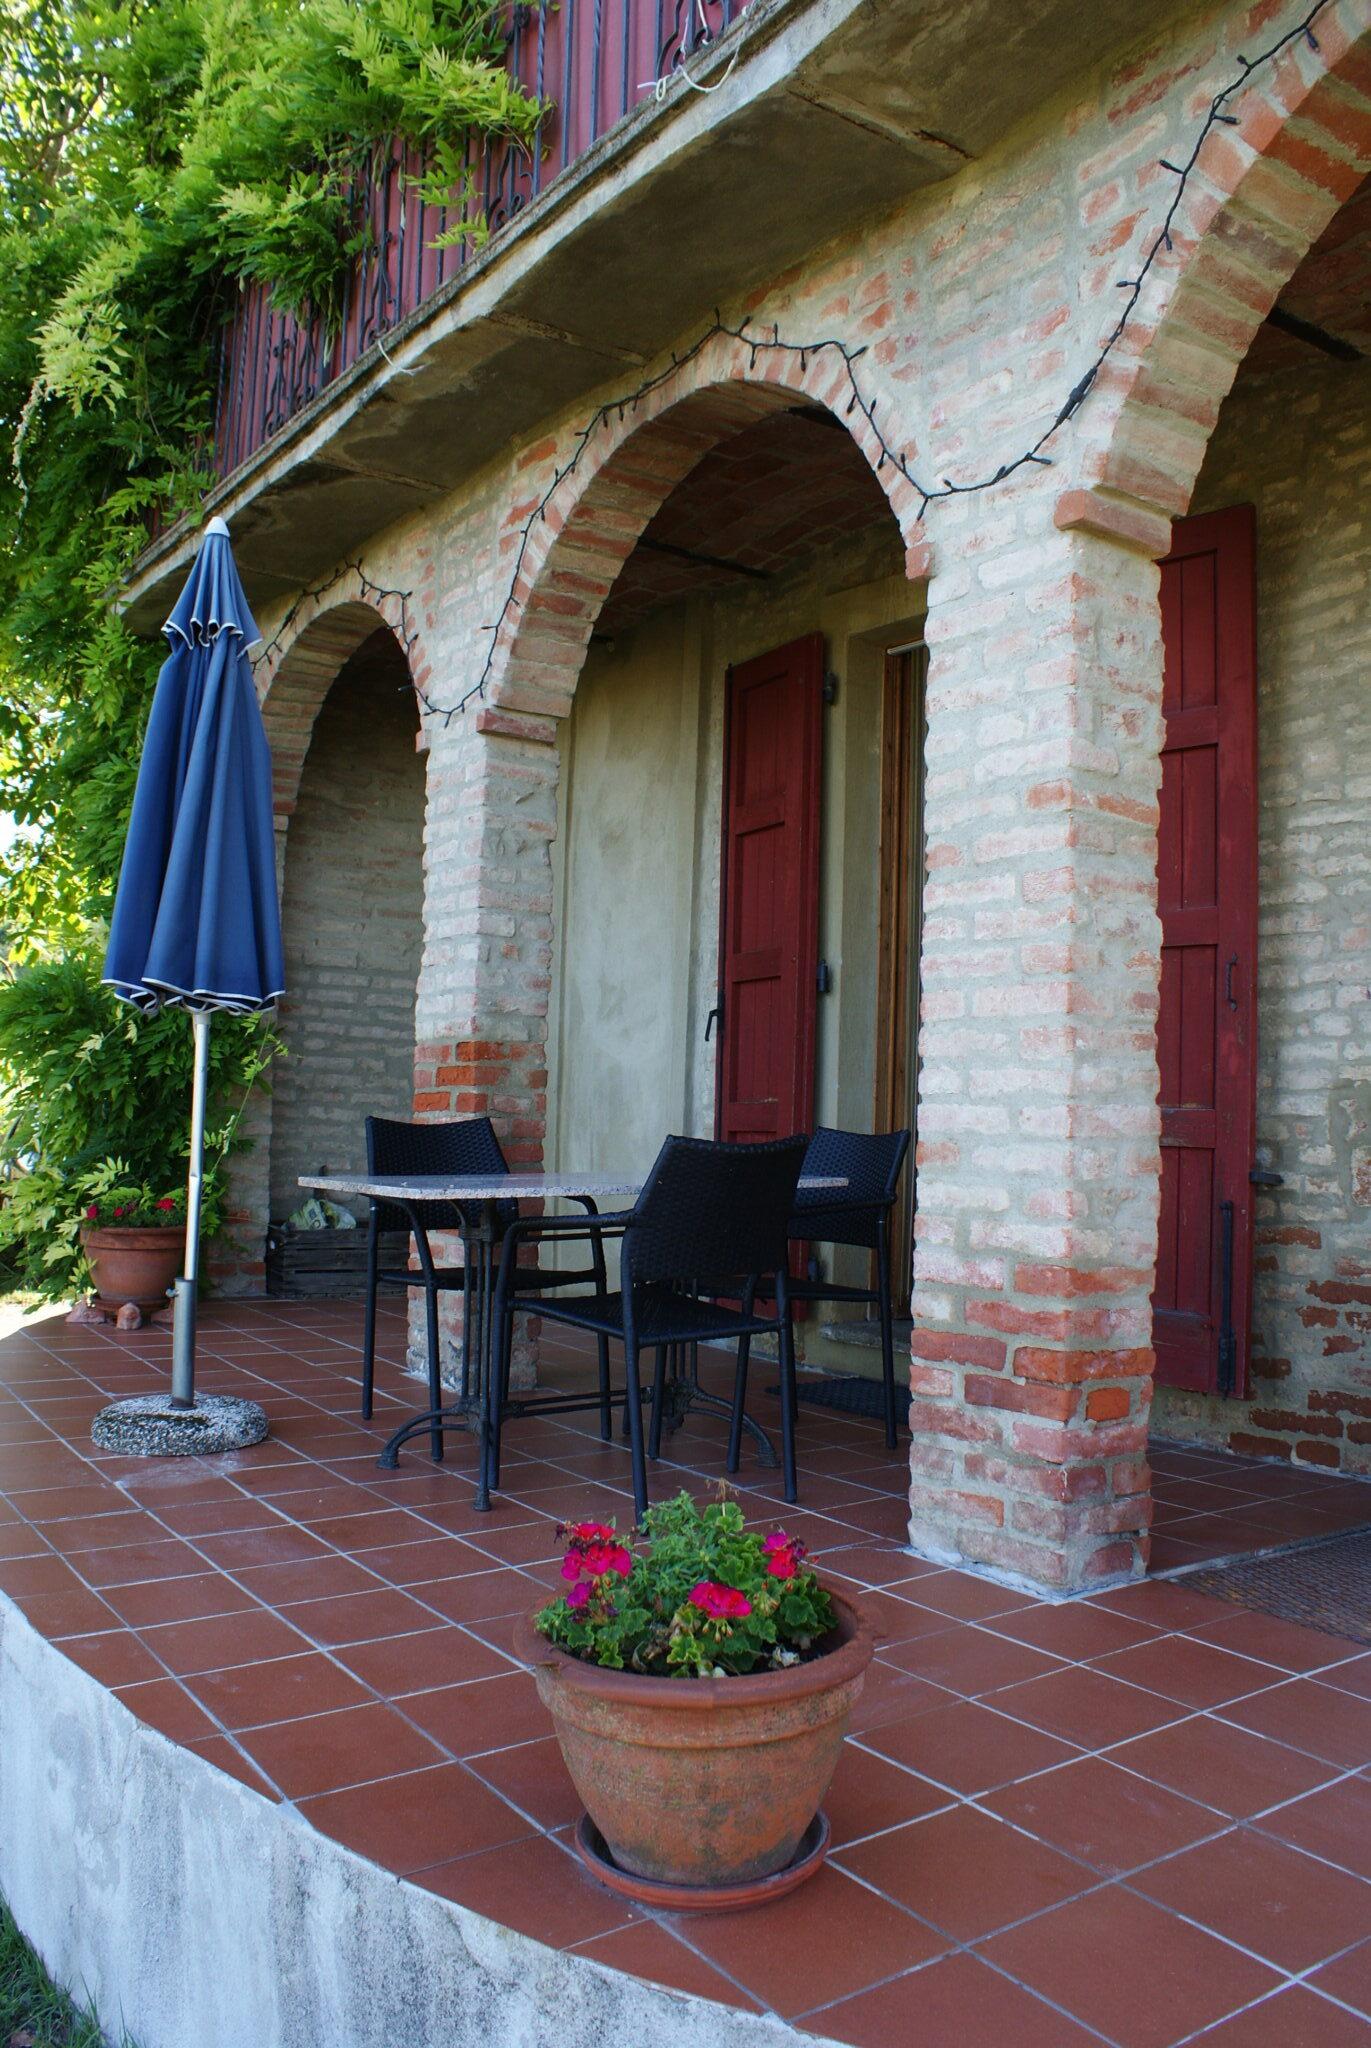 monferrato travel guide piemonte italy piedmont tips eat see do guida viaggio vedere mangiare fare turismo tourism trip francinesplaceblog cascina intersenga